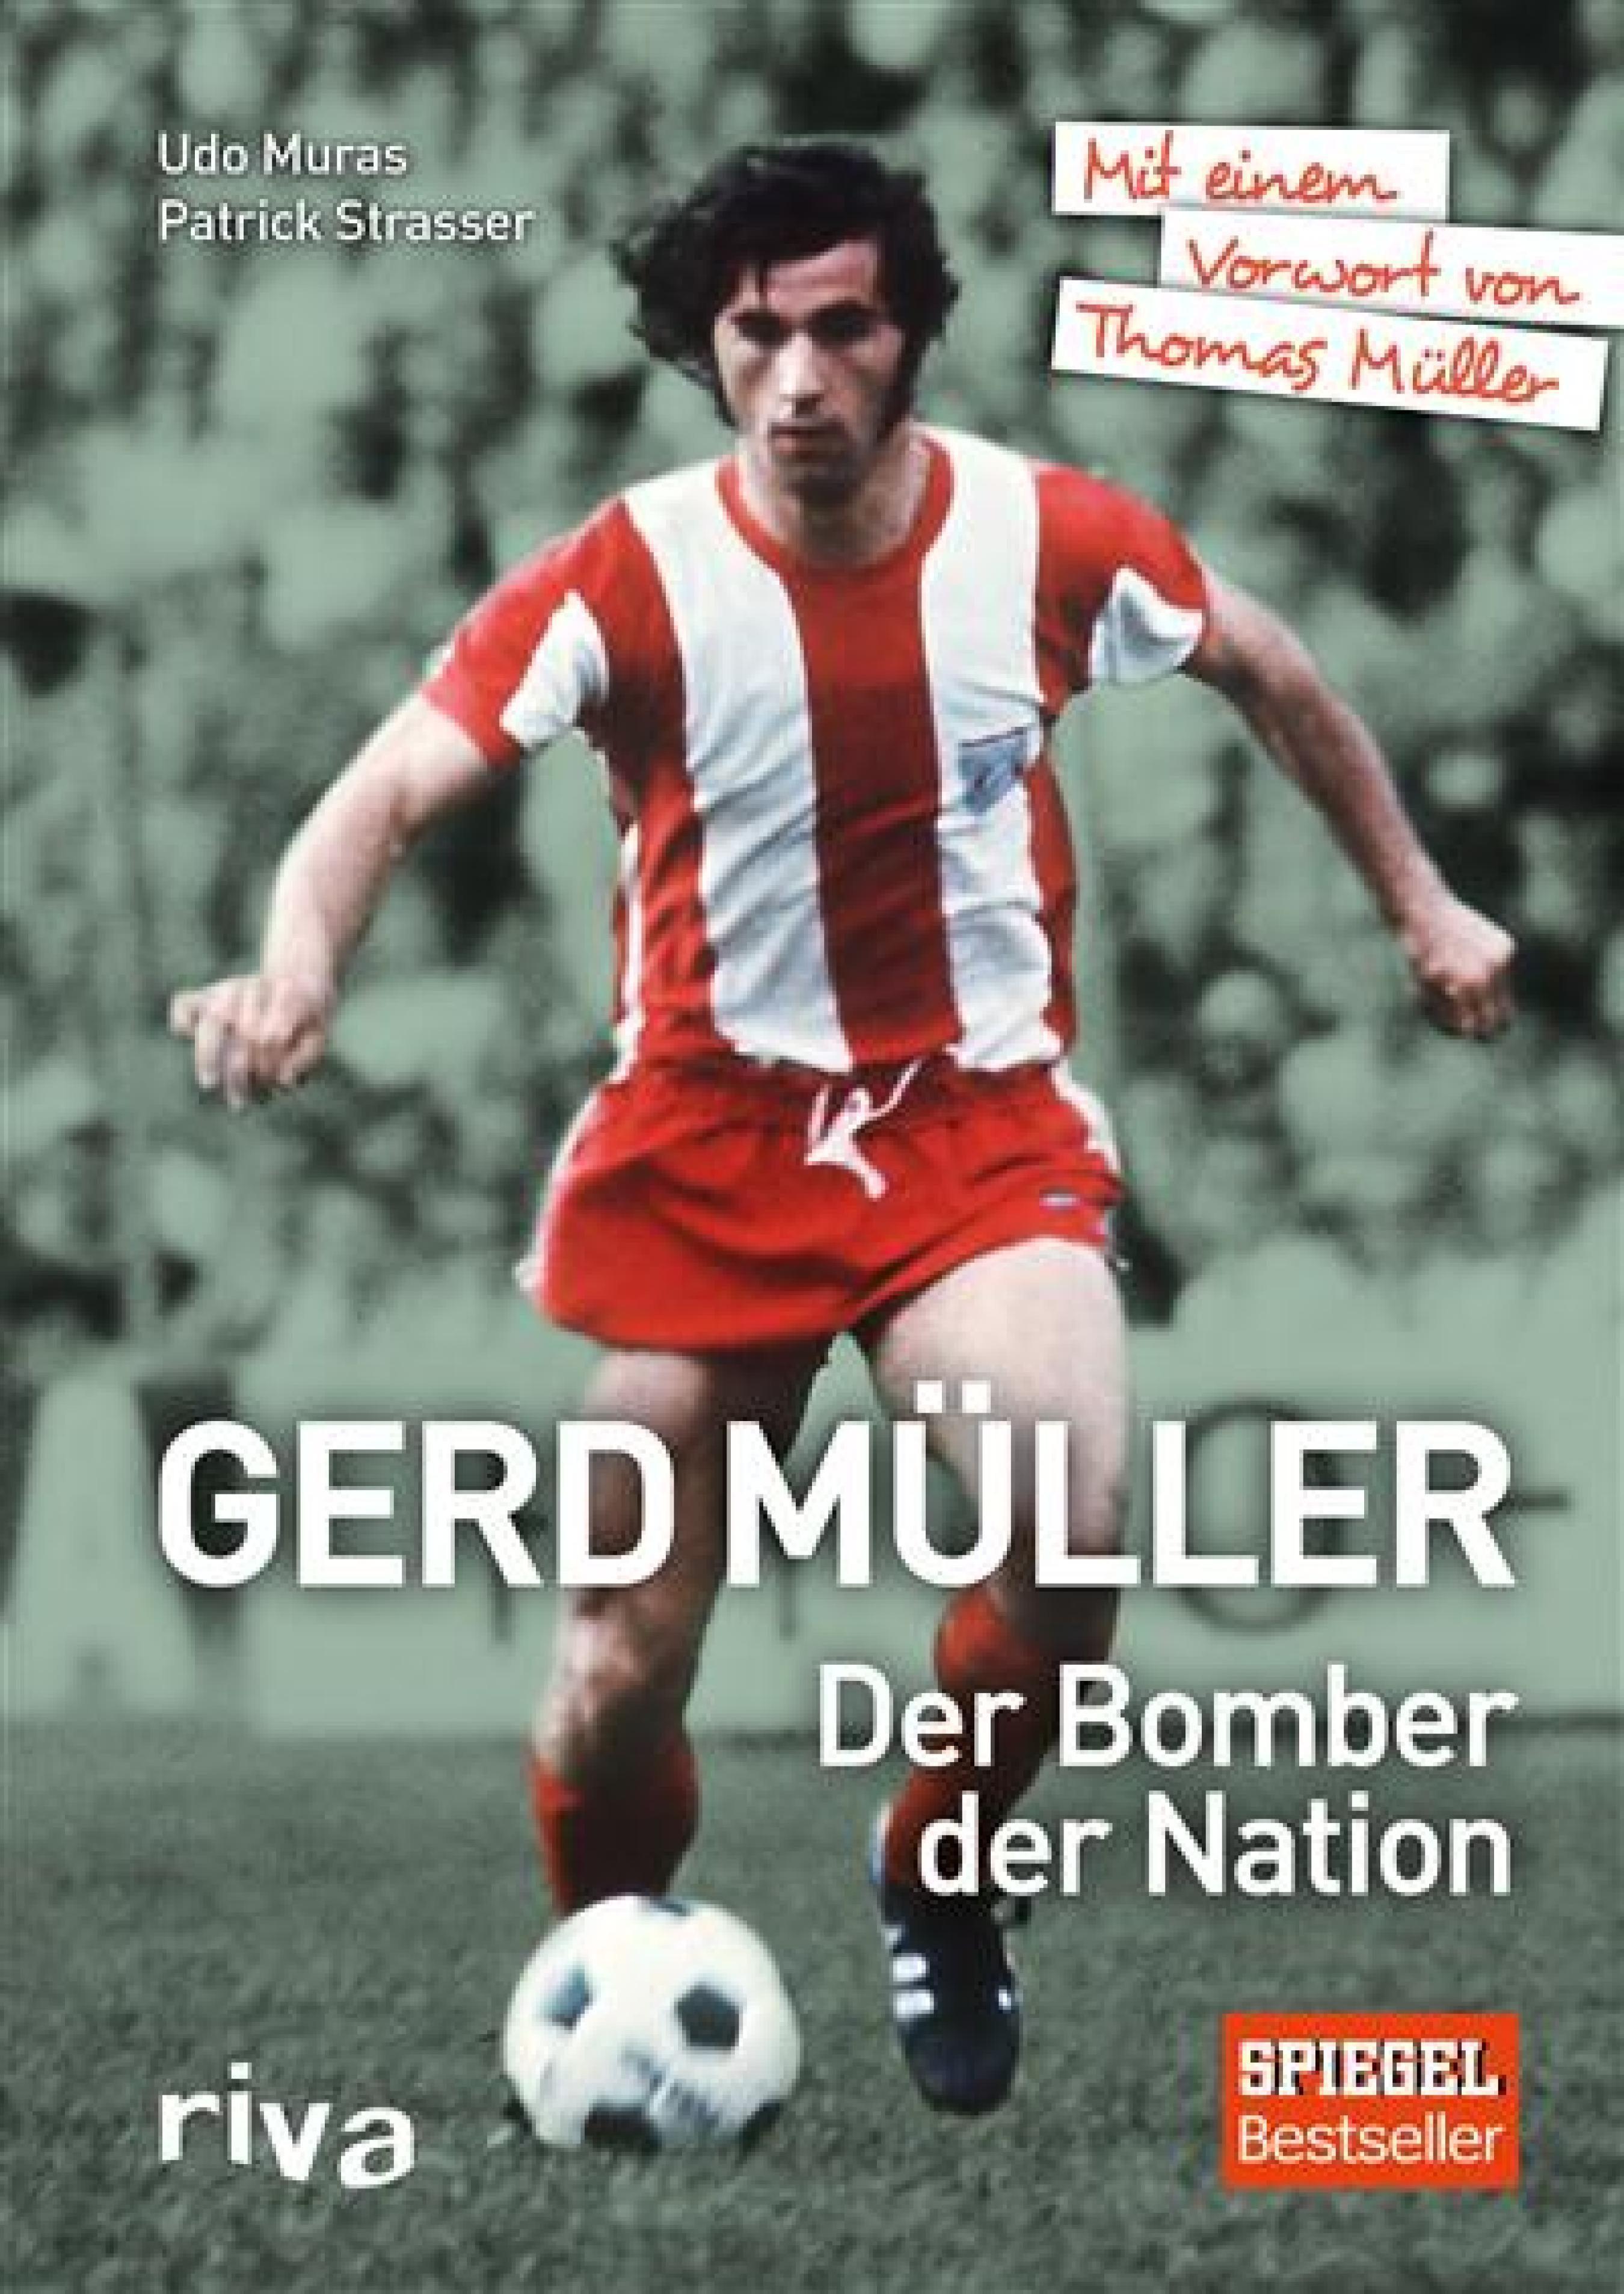 GERD MüLLER DER BOMBER DER NATION EBOOK